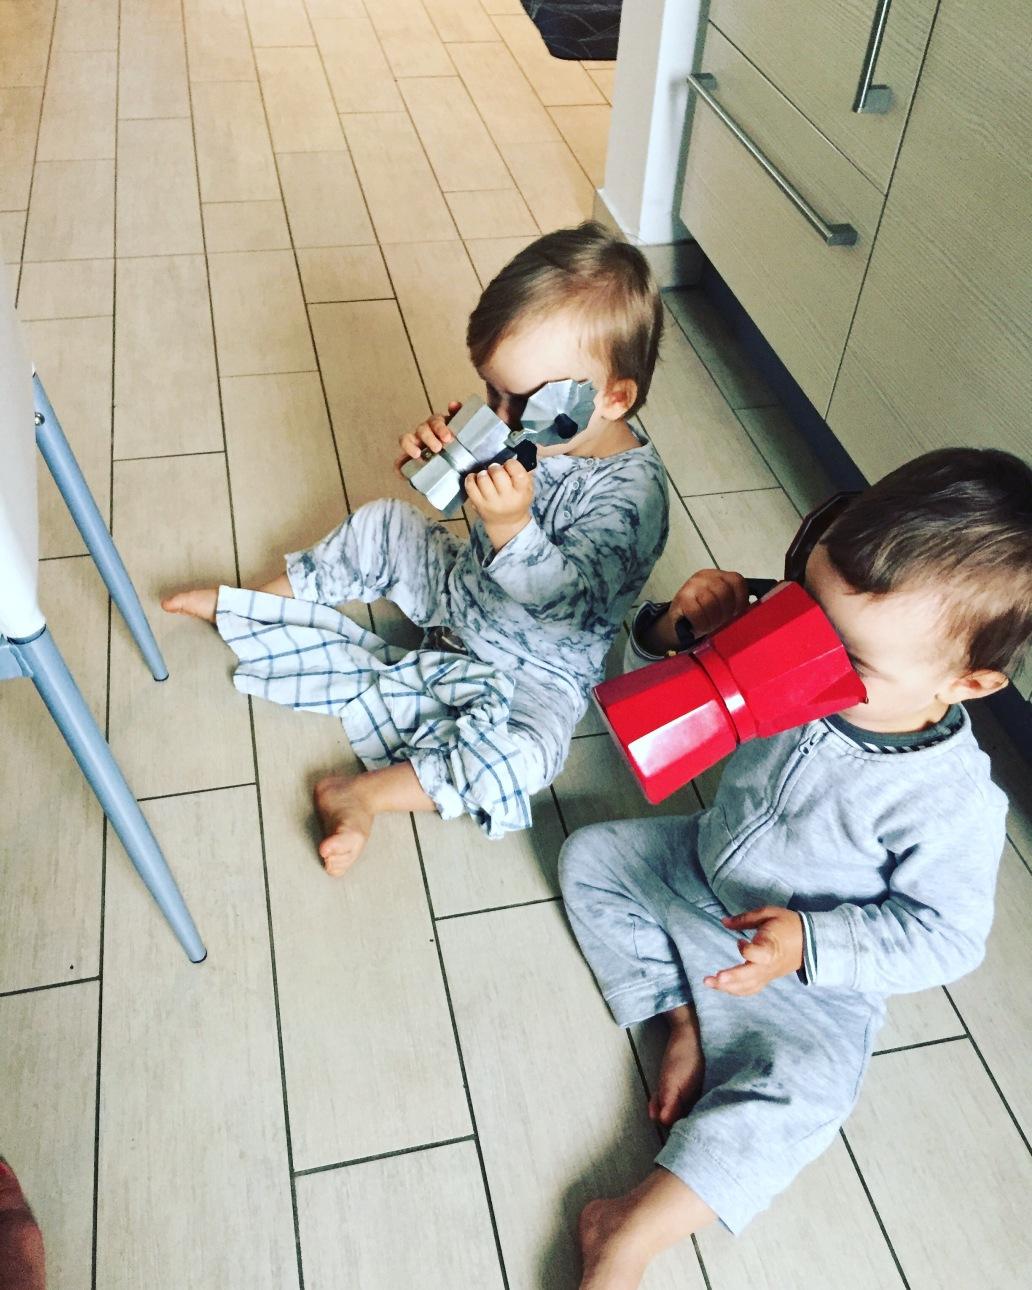 Müdigkeit durchschlafen Zwillinge wann endlich